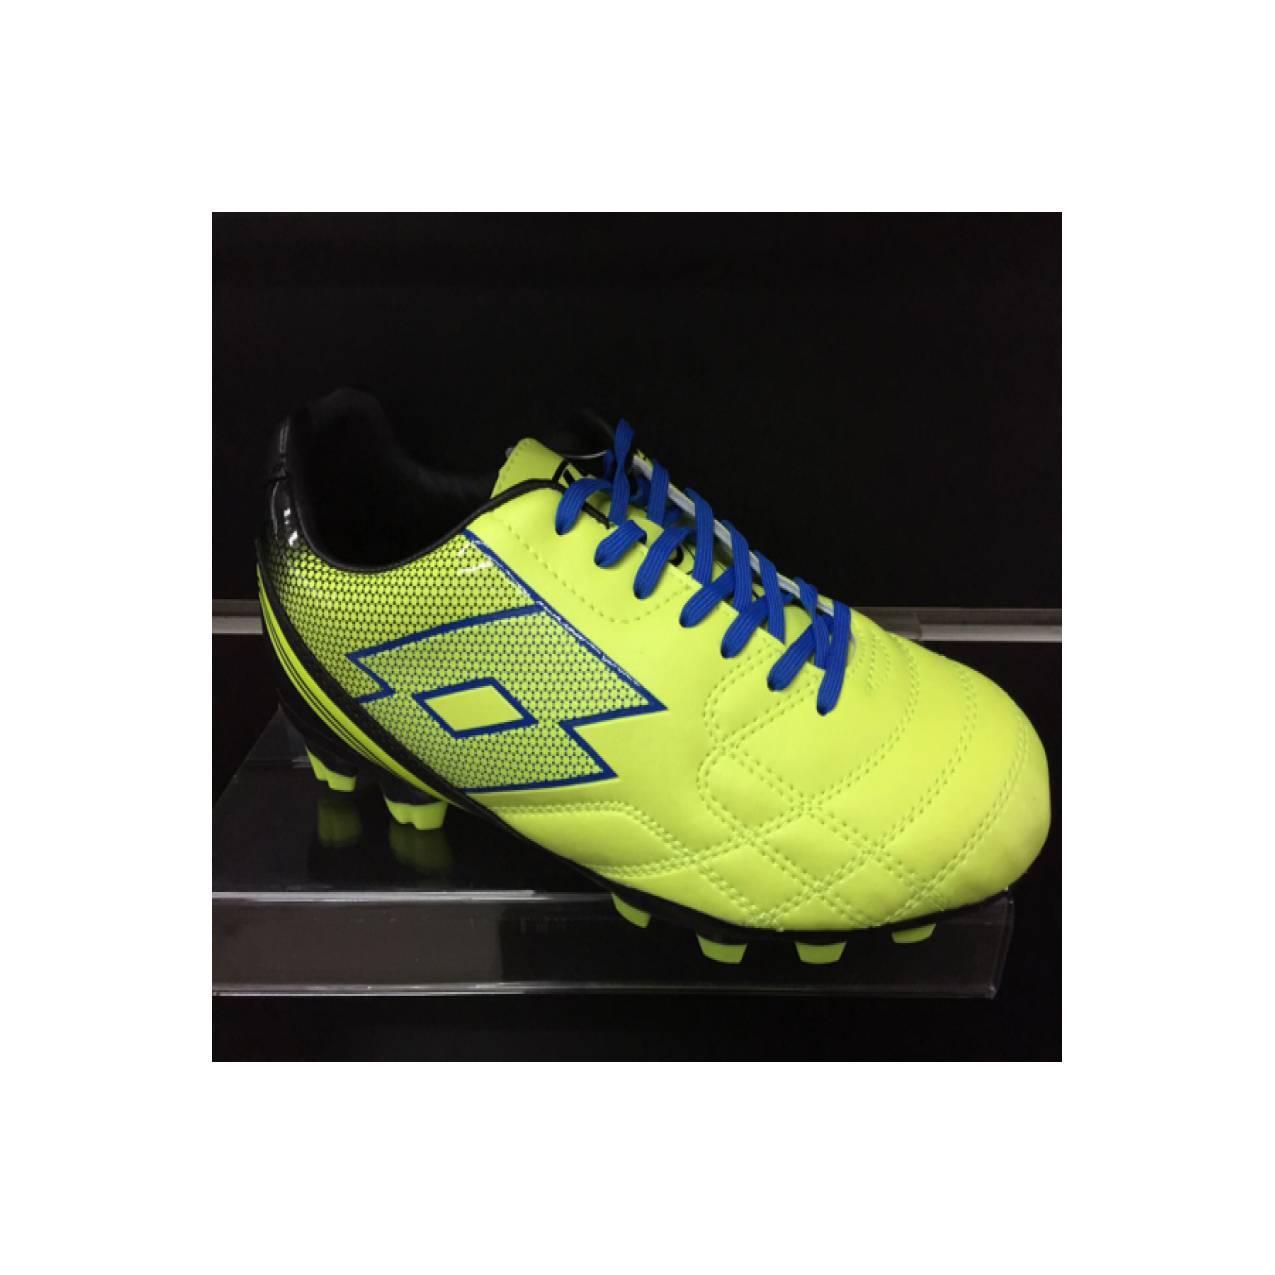 Sepatu bola lotto original soccer Spider XI FGT yellow saf /white